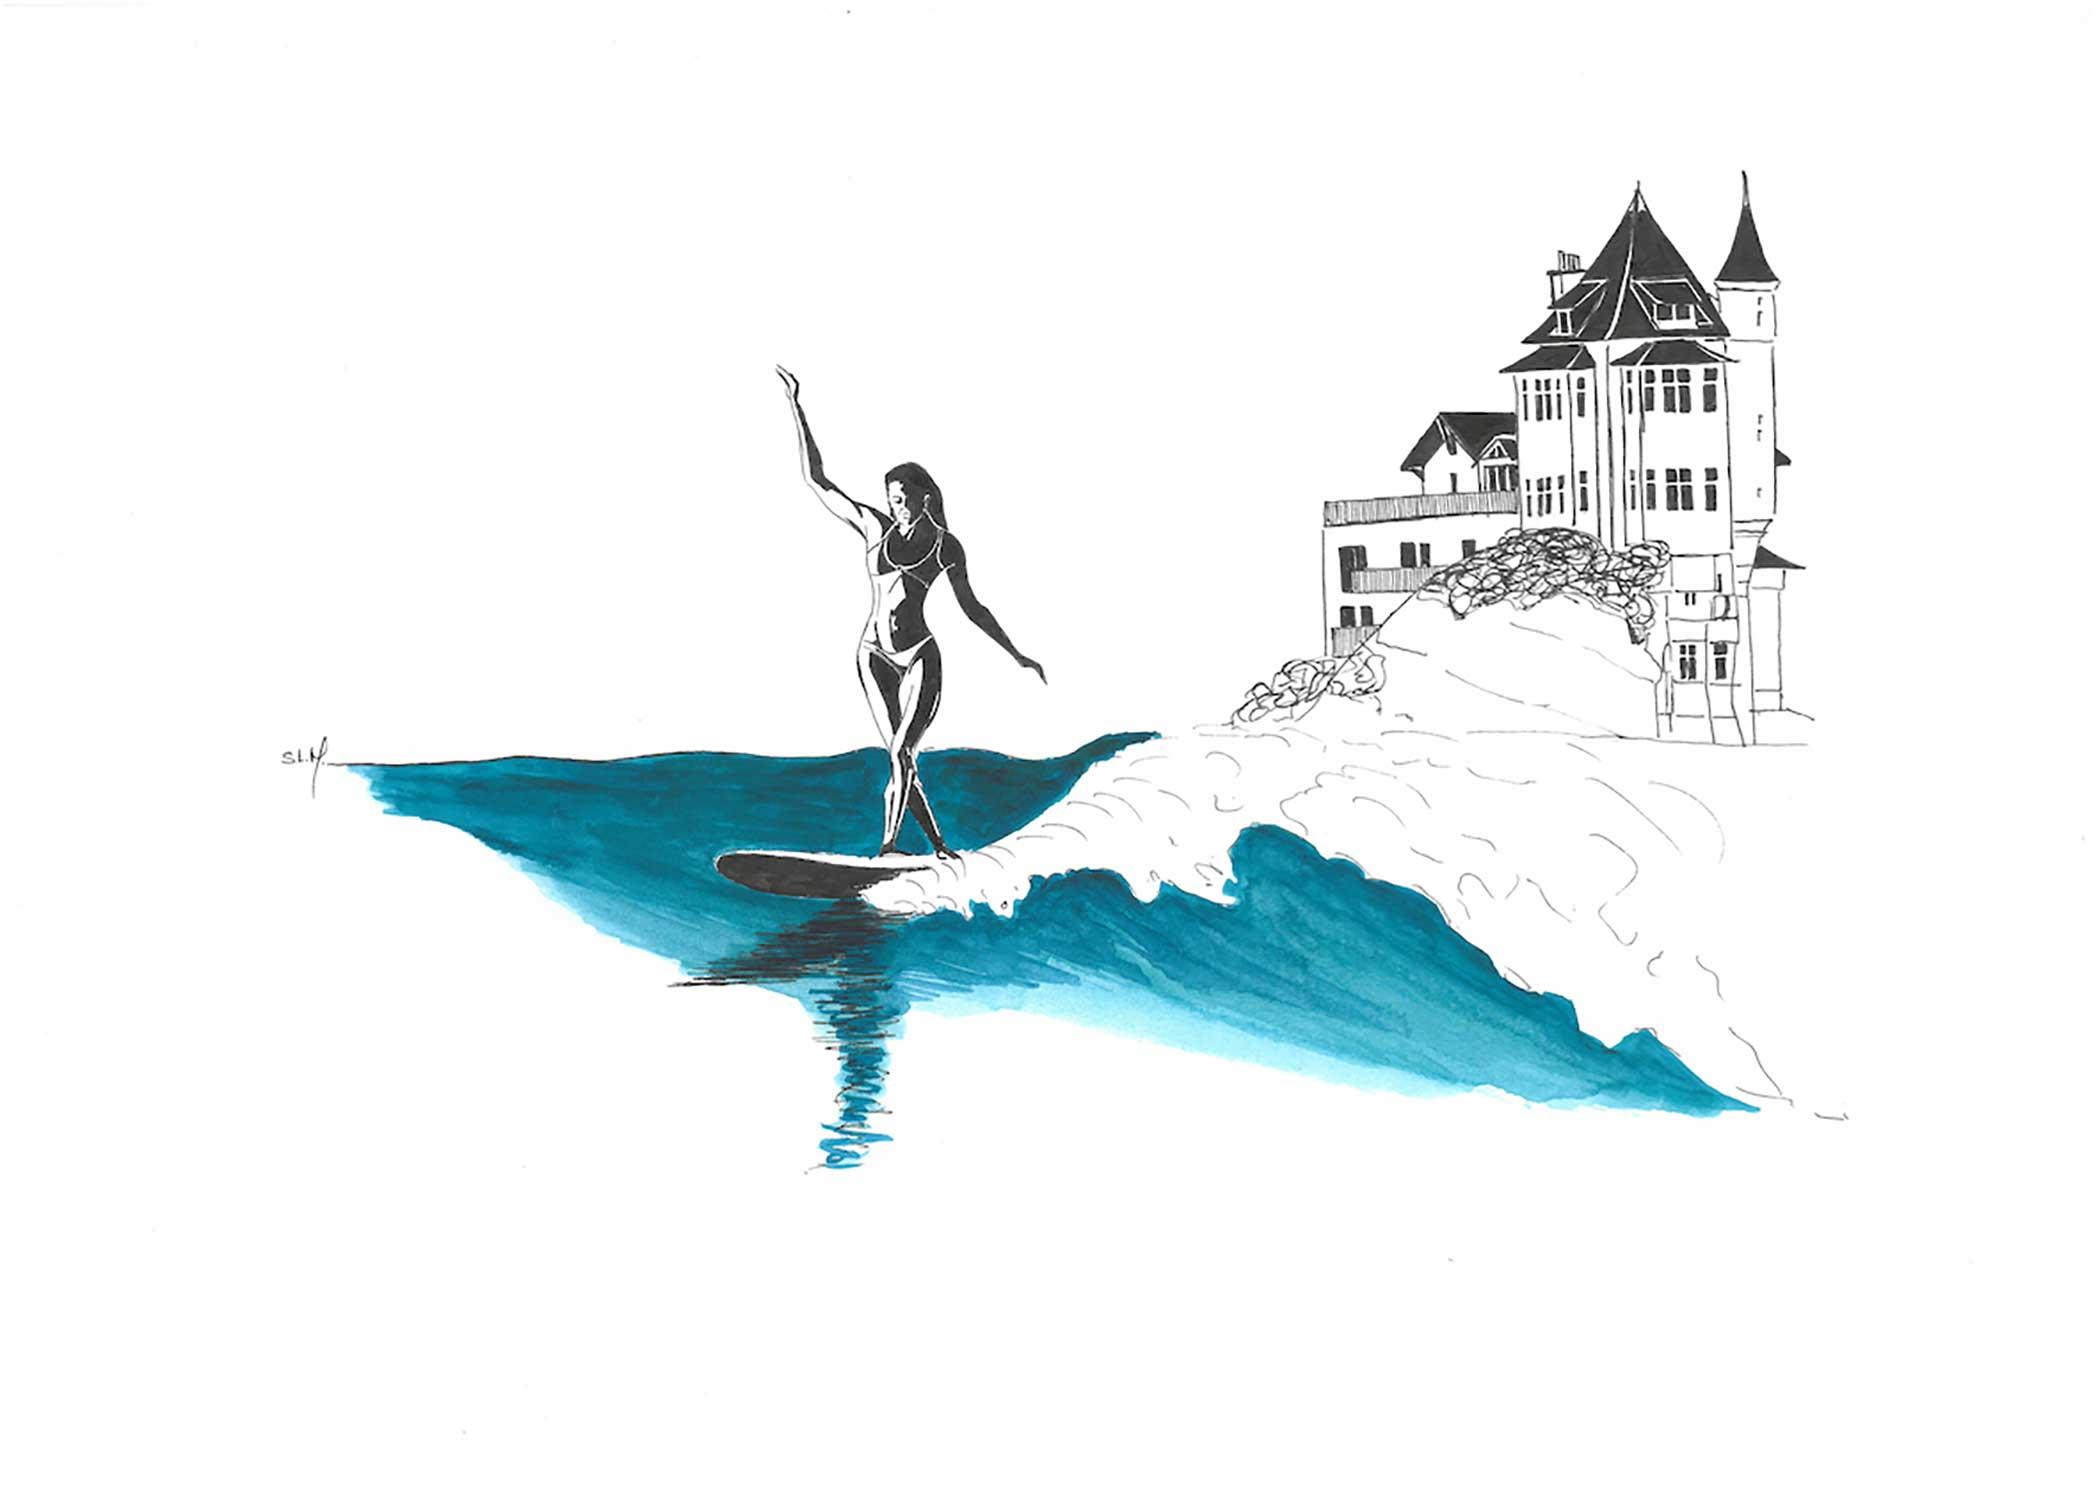 Belza Ride Encre et Aquarelle sur papier A3 (29,7cm x 42cm) 2018